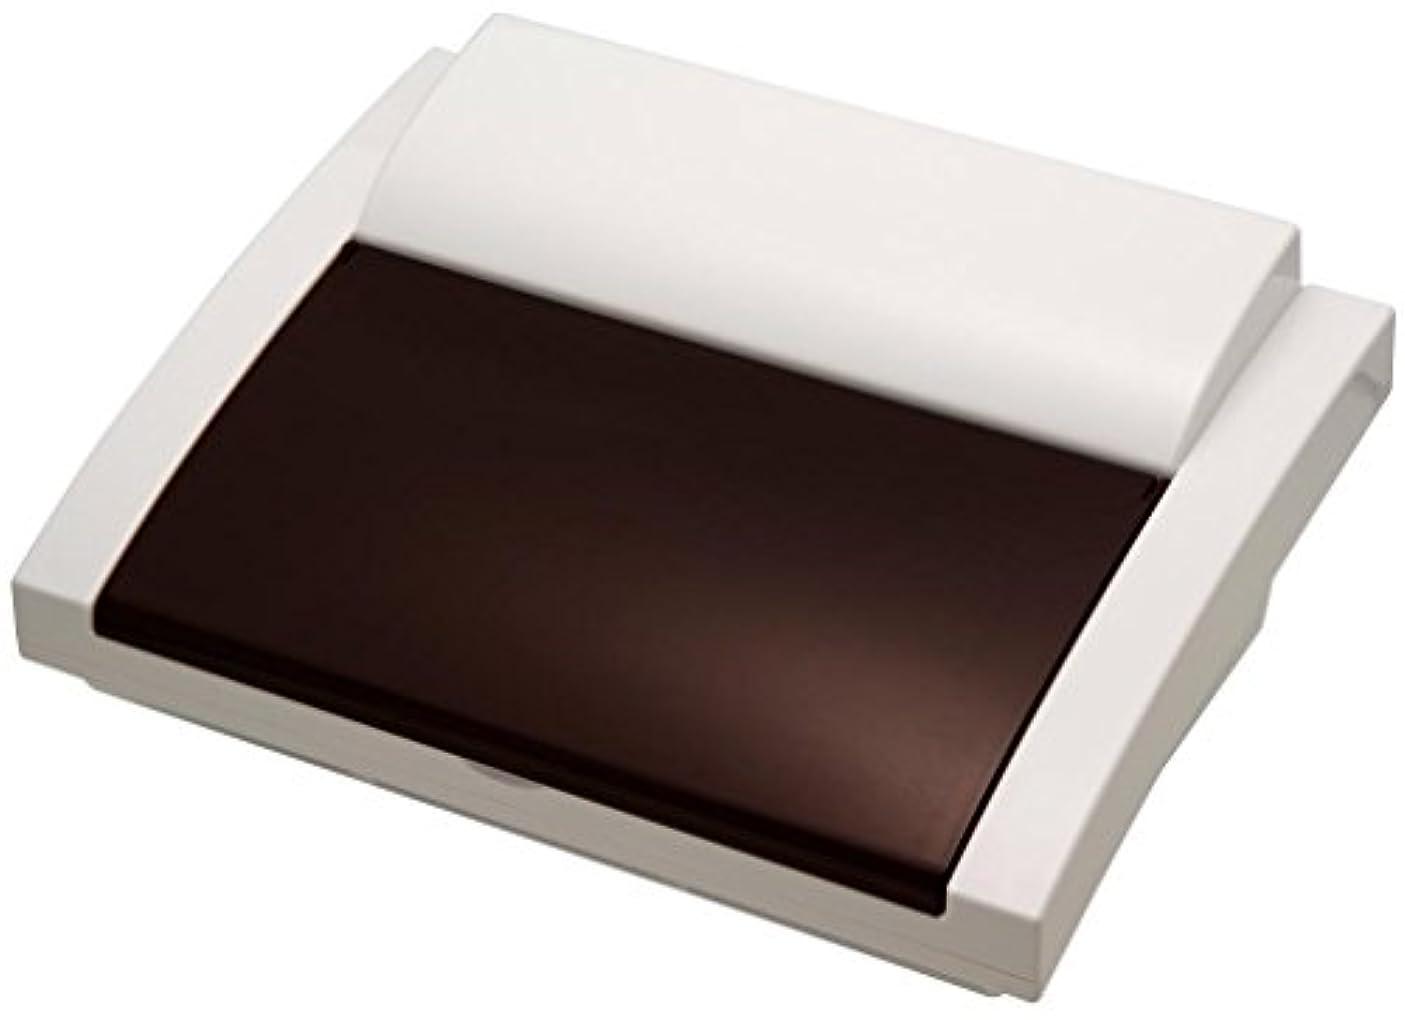 子下品流すステアライザー(ステリライザー)STERILIZER COMPACT 209C / 紫外線 UV 消毒器 殺菌器